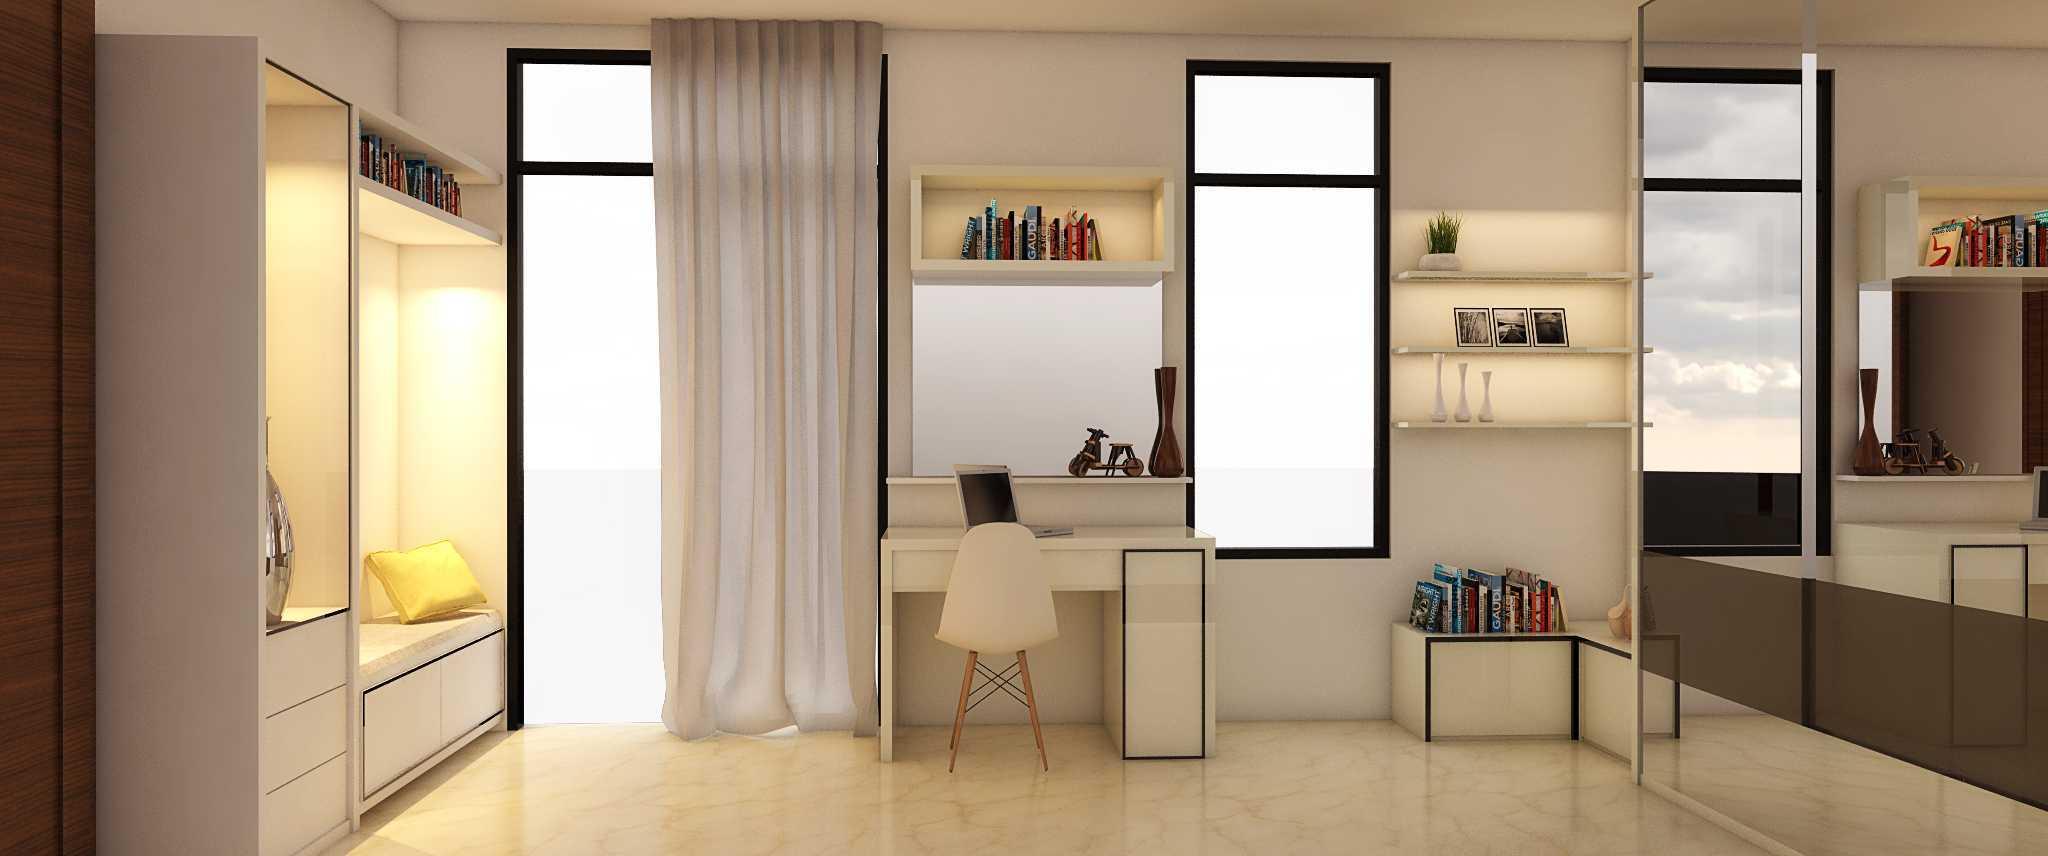 Sabio Design Classic White Bedroom Design - Dago Nirwana Bandung Dago, Kecamatan Coblong, Kota Bandung, Jawa Barat, Indonesia Dago, Kecamatan Coblong, Kota Bandung, Jawa Barat, Indonesia Sabio-Design-Classic-White-Bedroom-Design-Dago-Nirwana-Bandung  119917